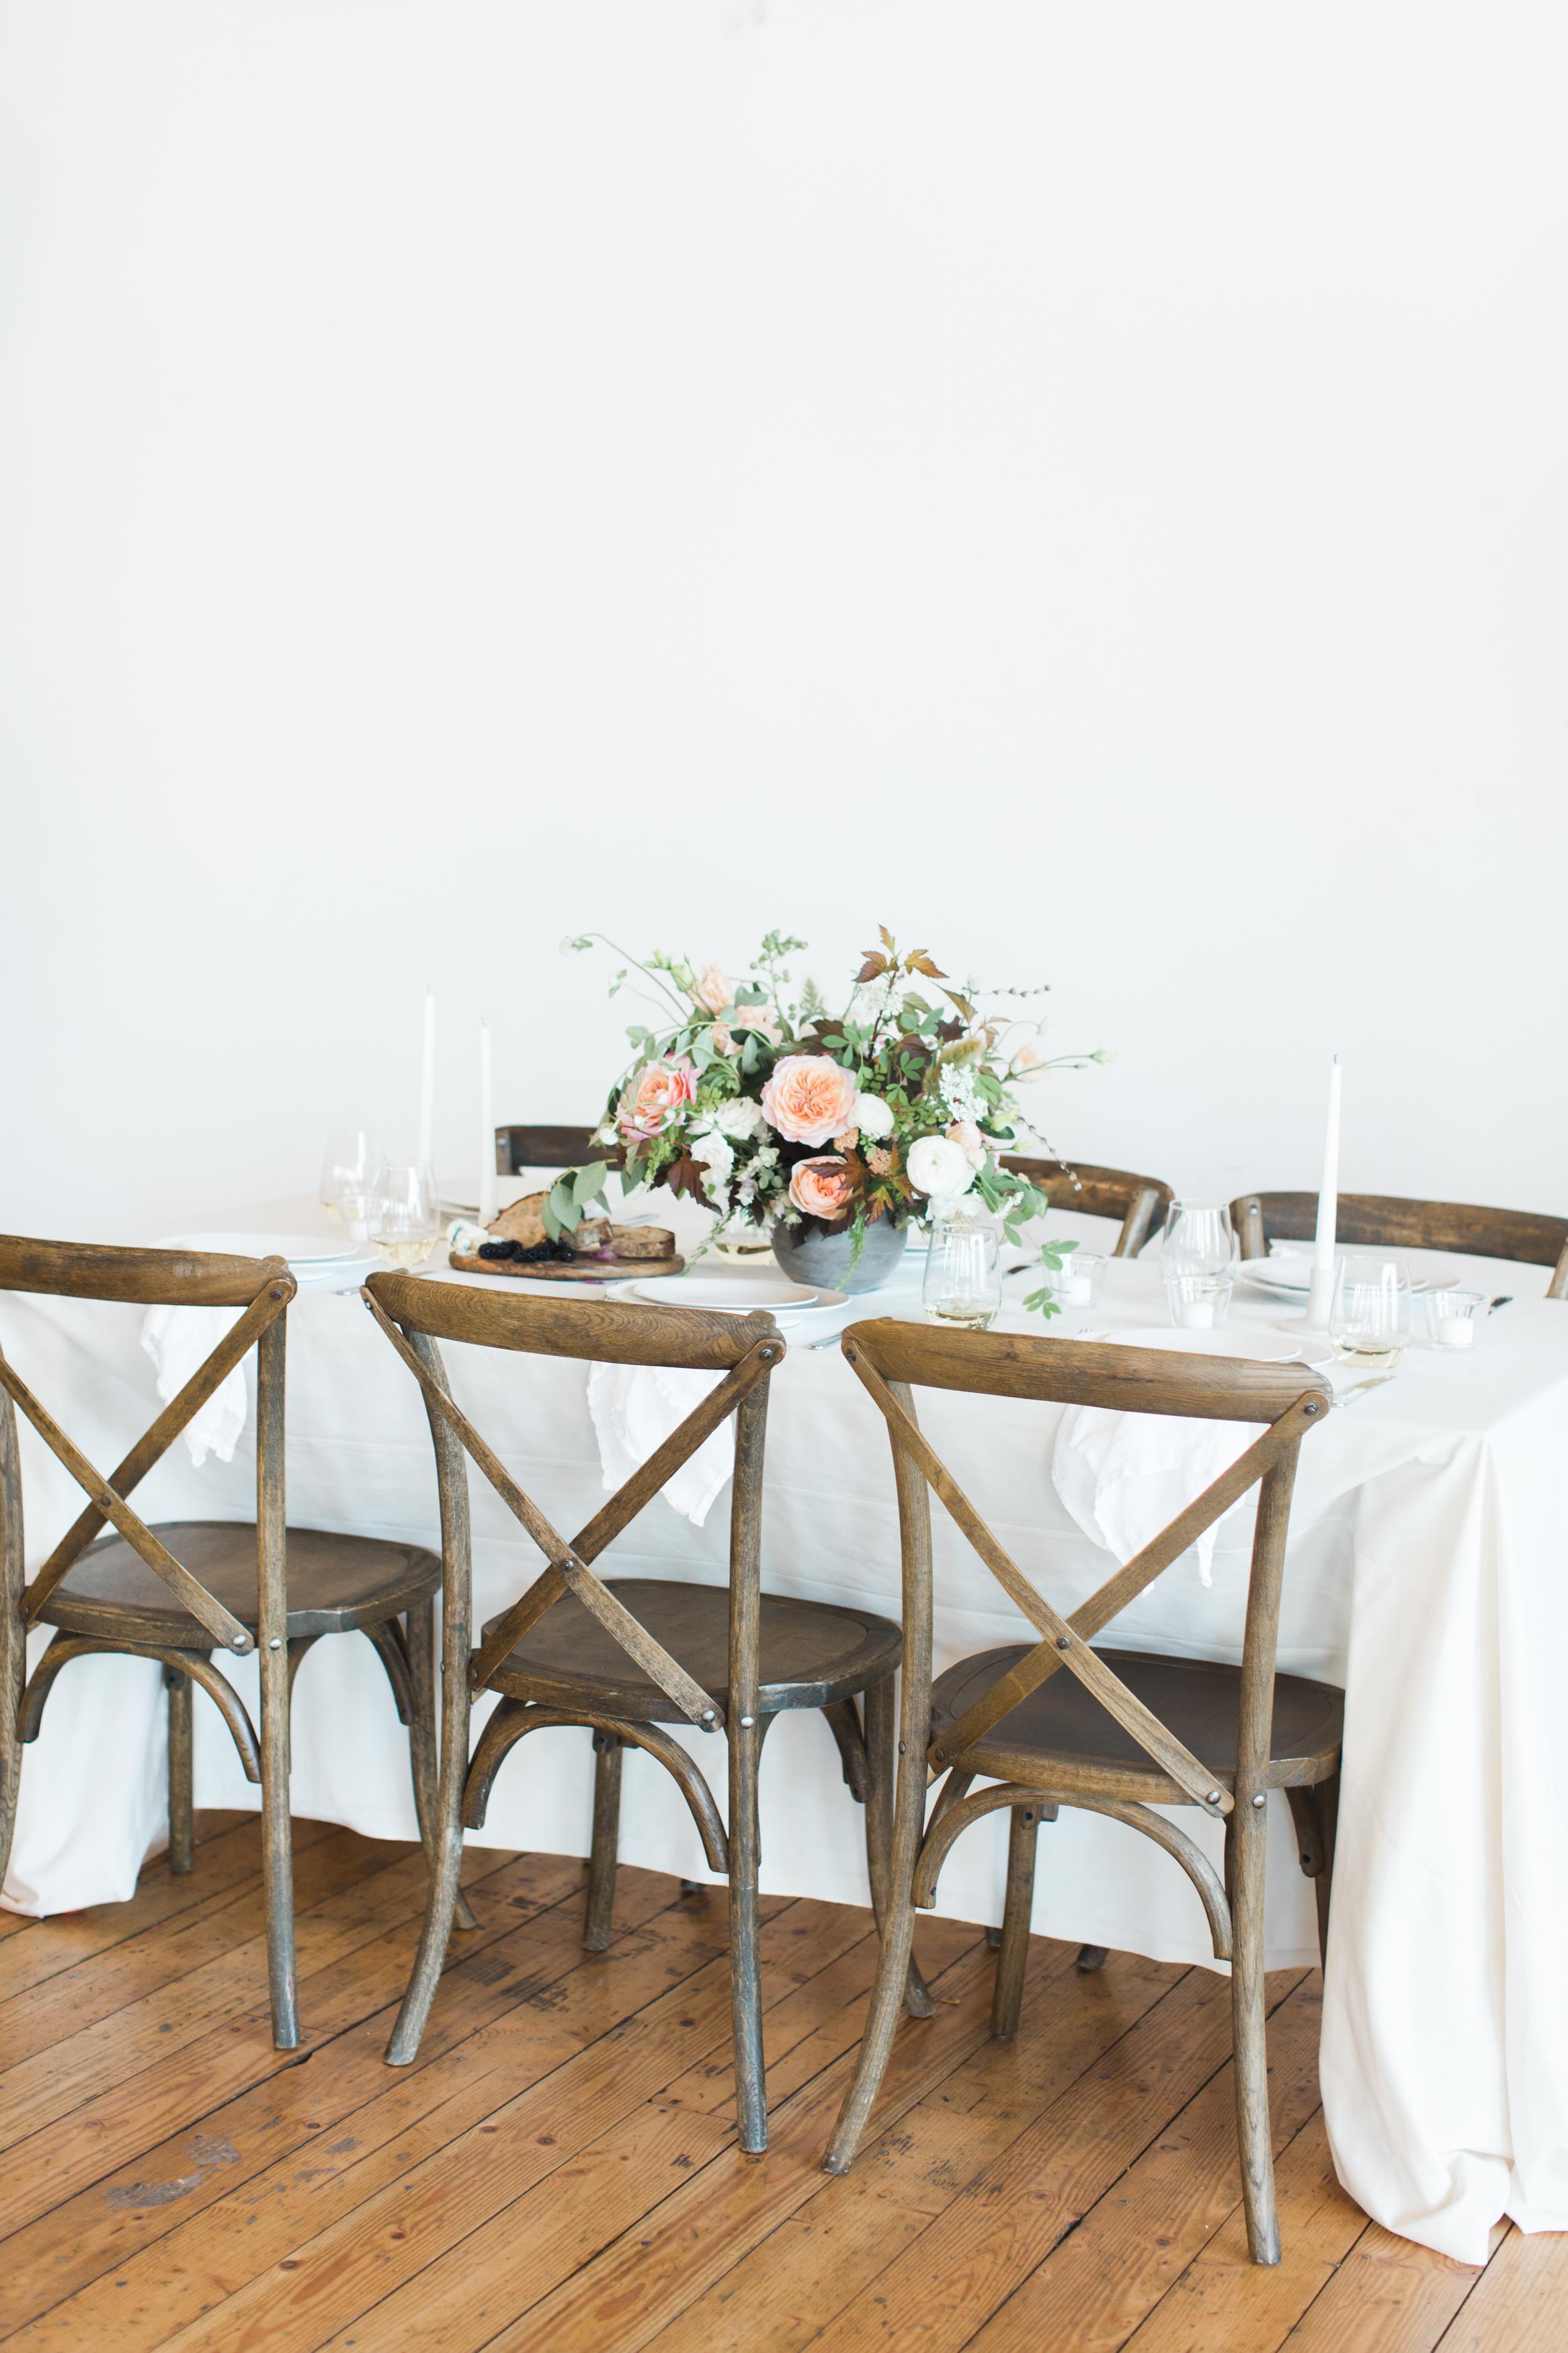 ashley-eileen-floral-design-garden-inspired-styled-session-wedding-centerpiece-denver-5.jpg